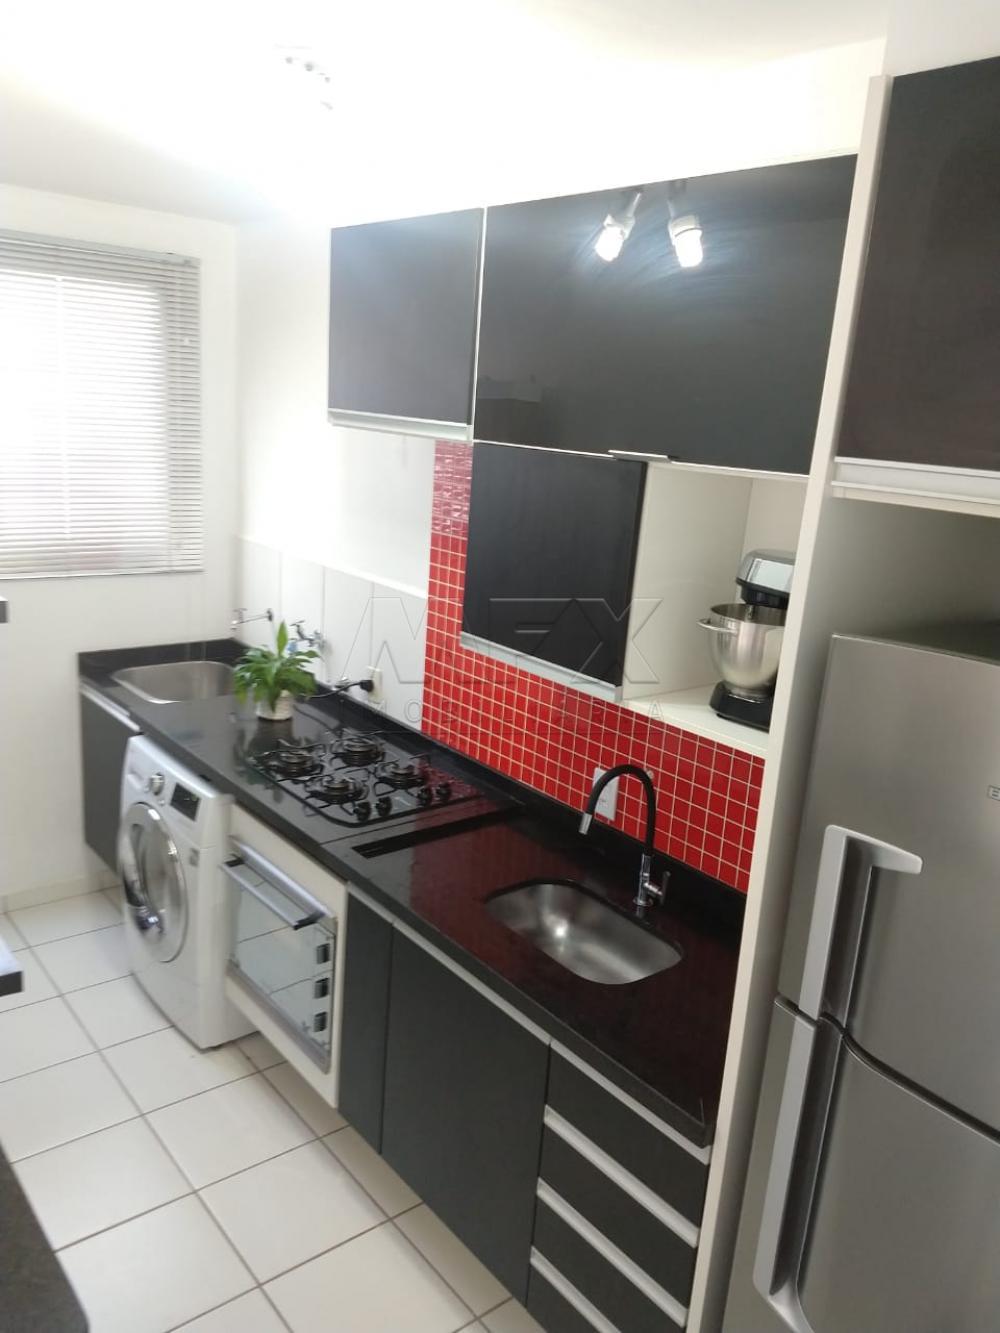 Comprar Apartamento / Padrão em Bauru apenas R$ 145.000,00 - Foto 3